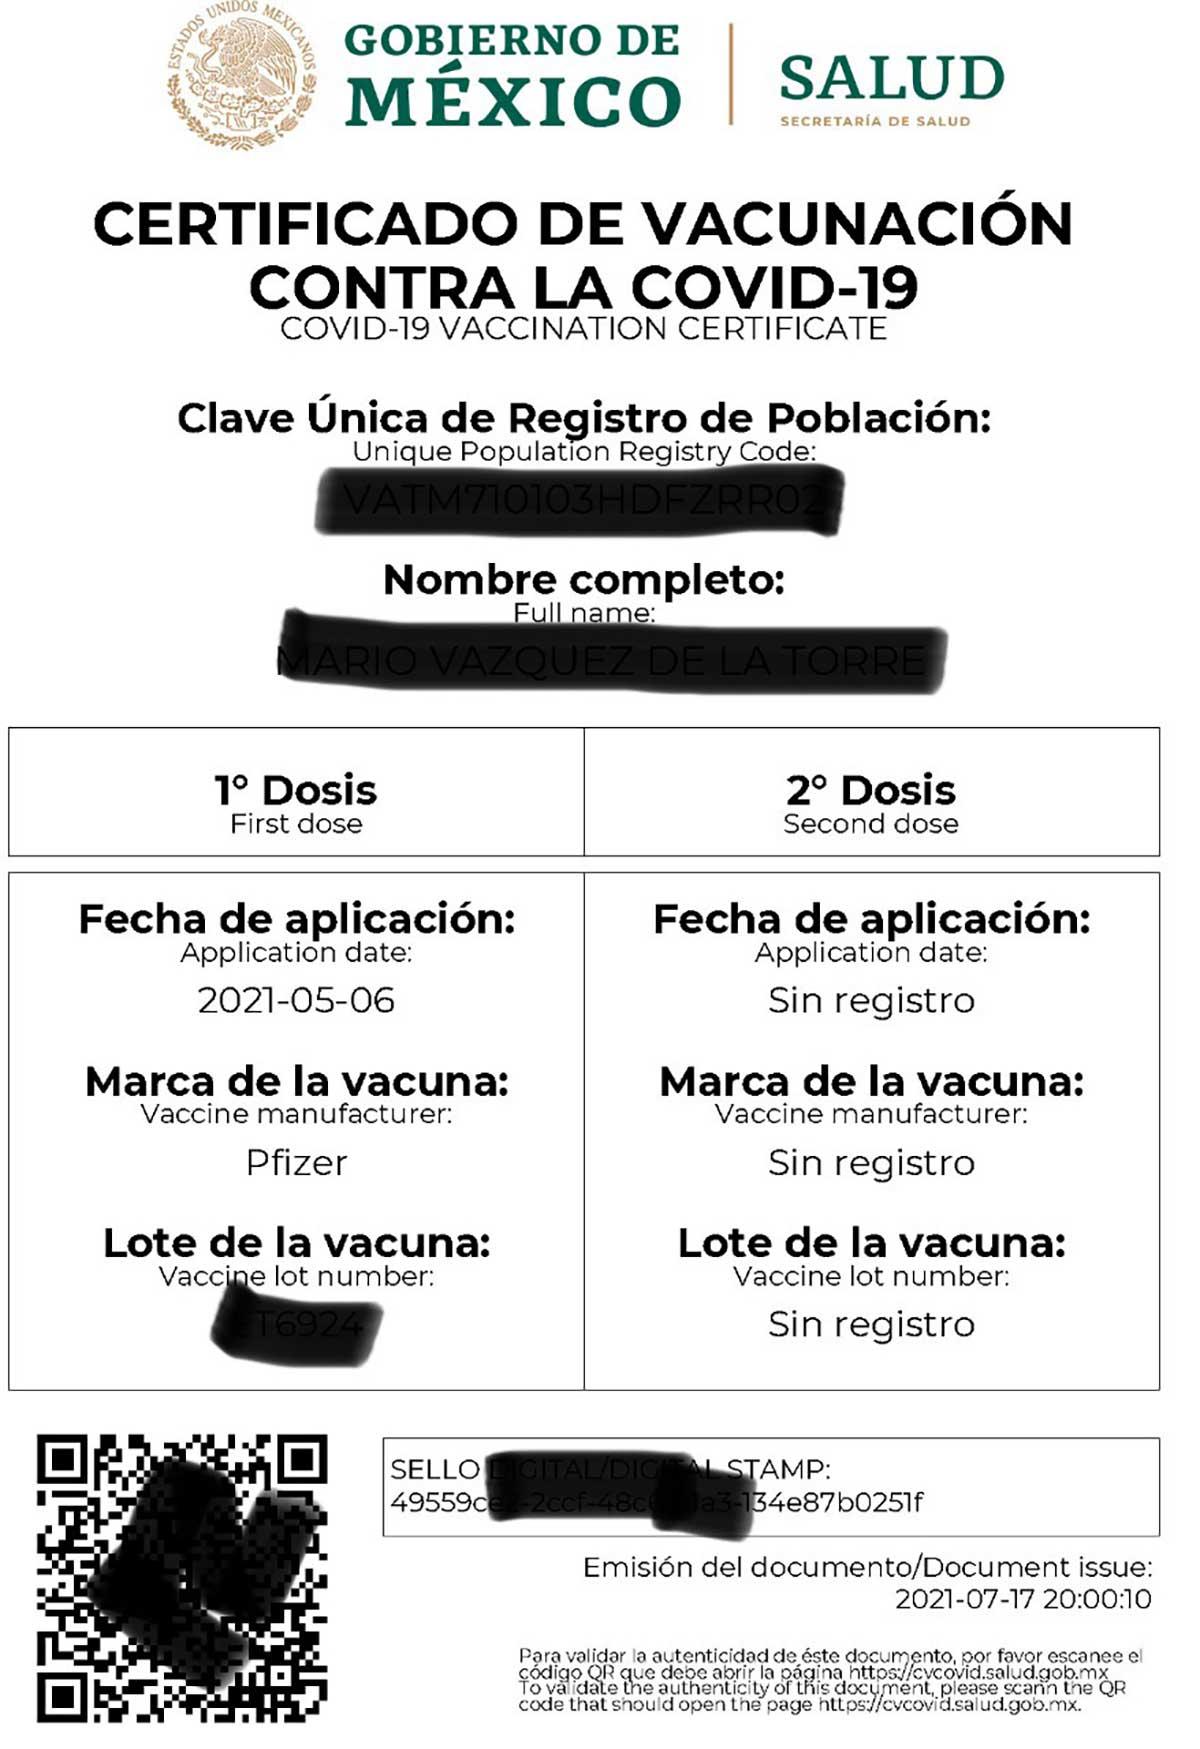 Certificado de vacunación contra Covid19 emitido por el Gobierno de México